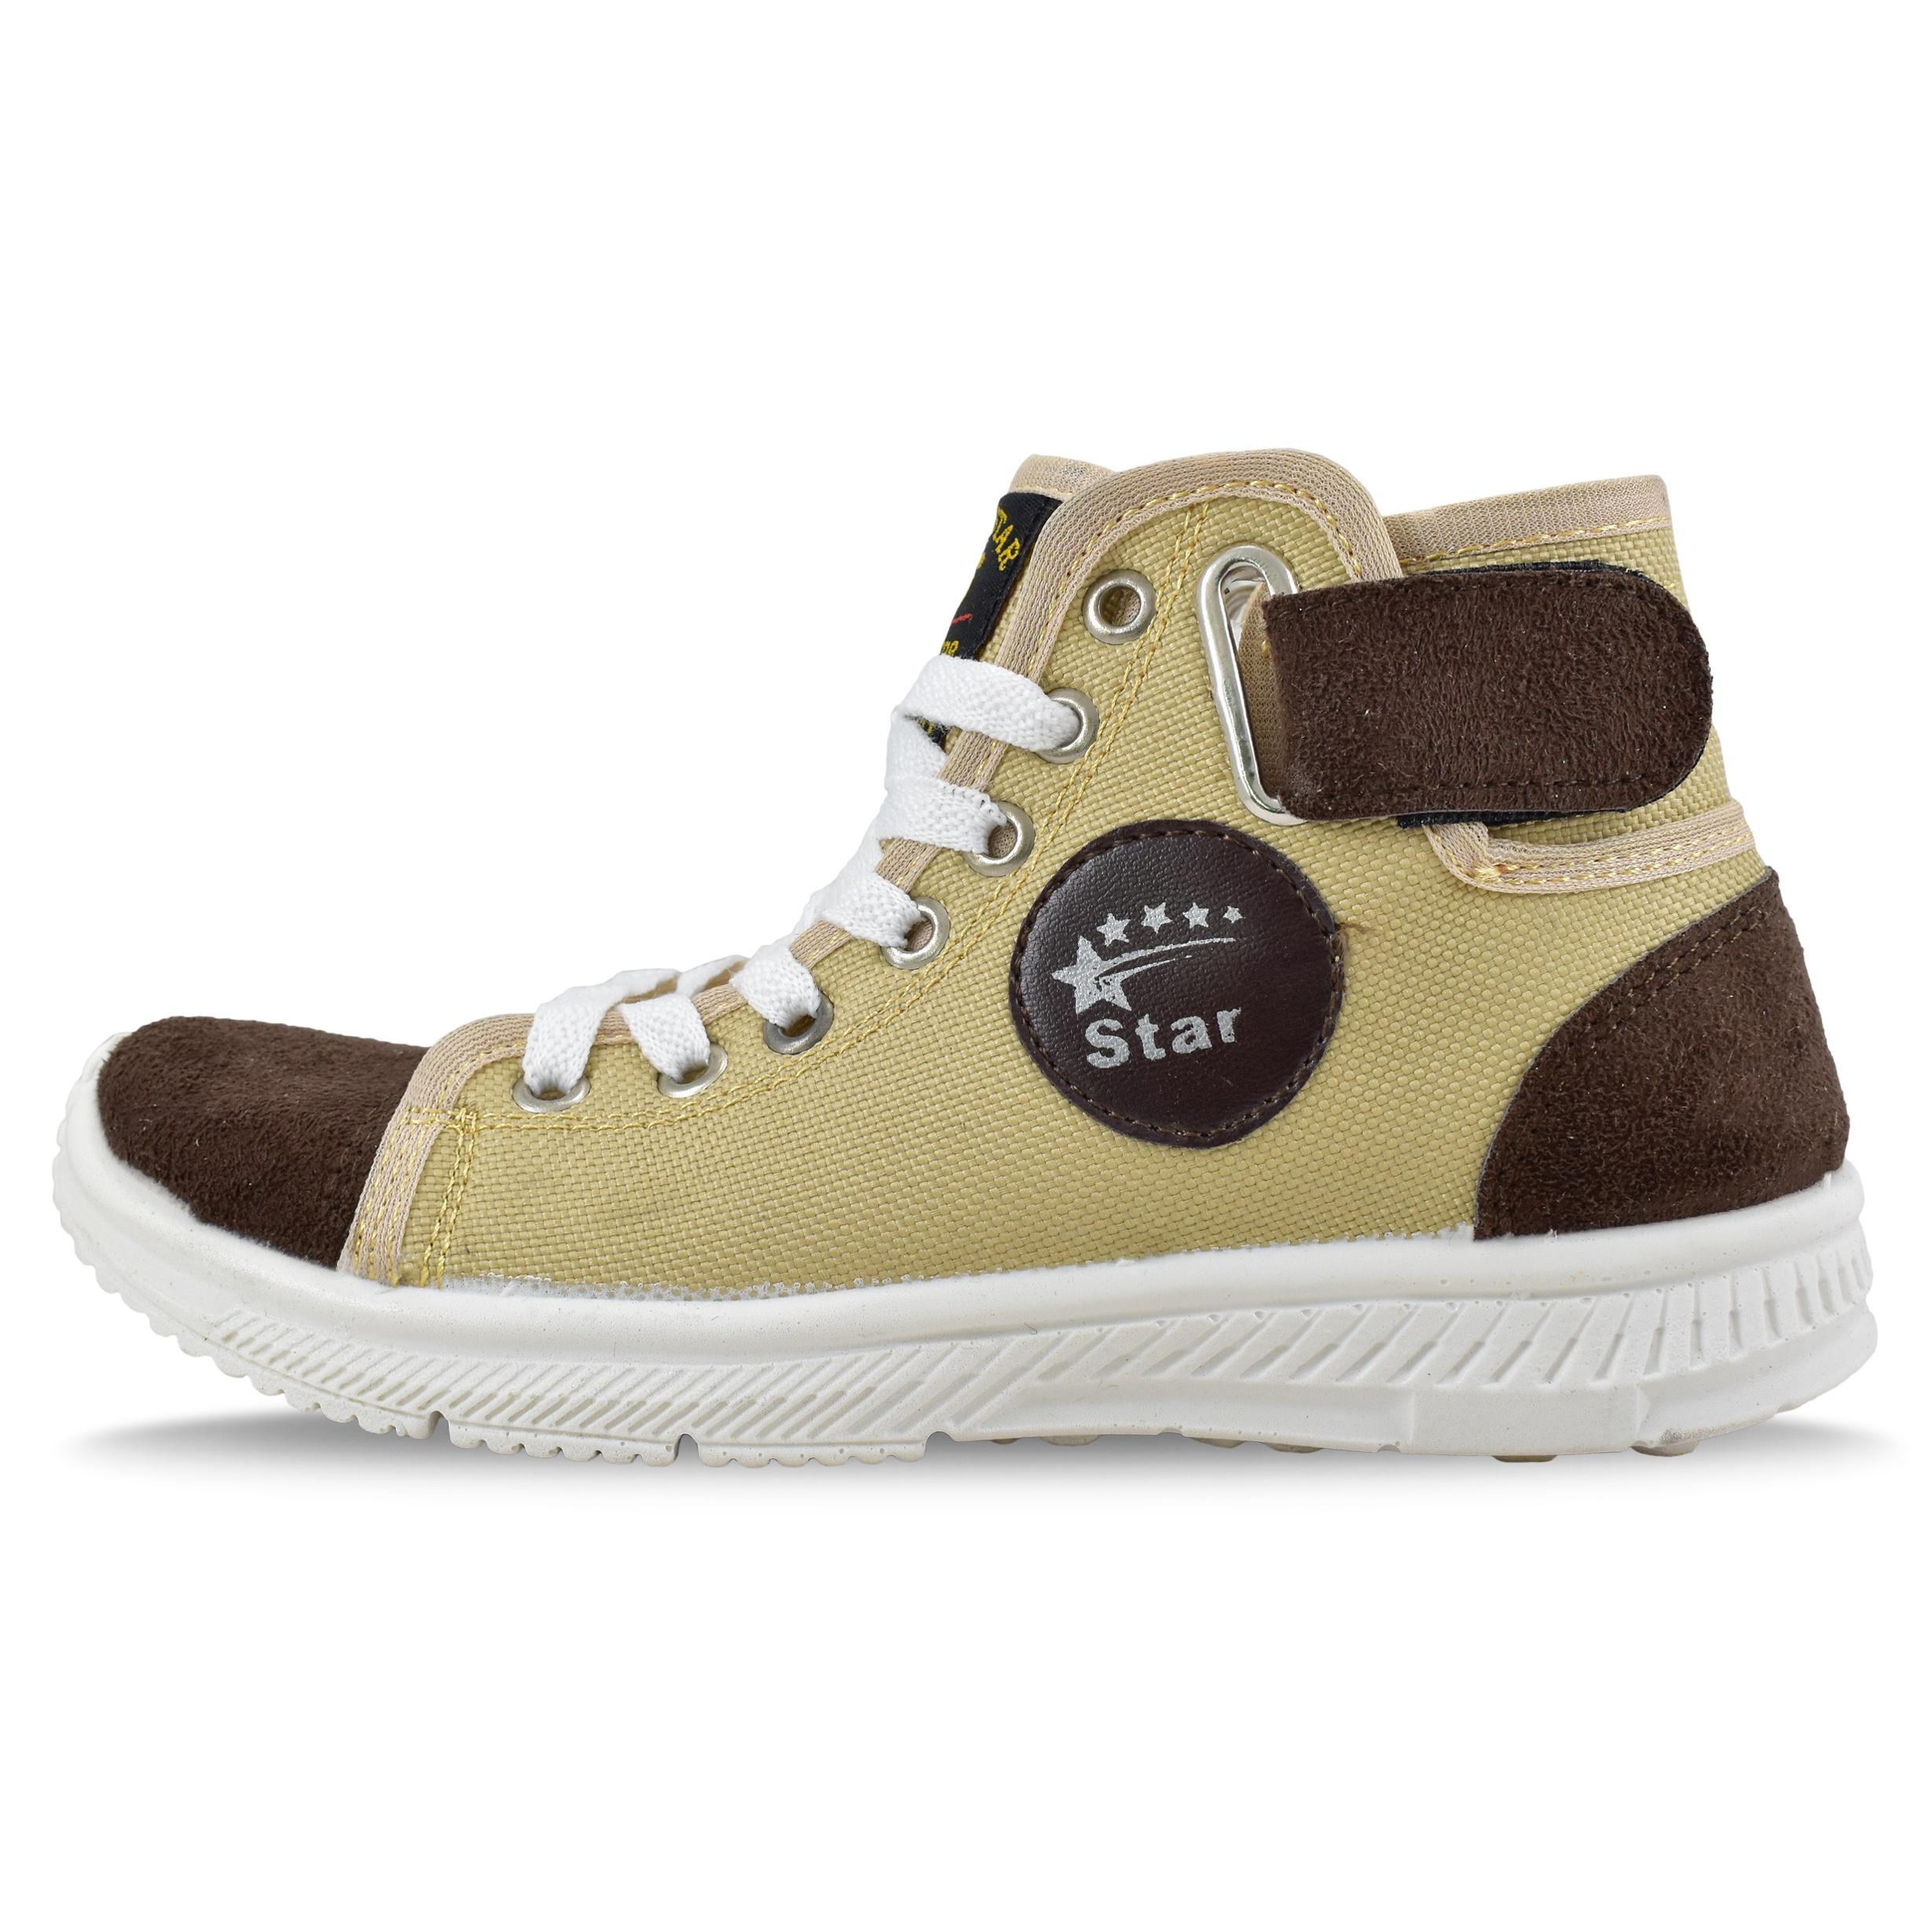 کفش مخصوص پیاده روی زنانه نوین استار کد 4619